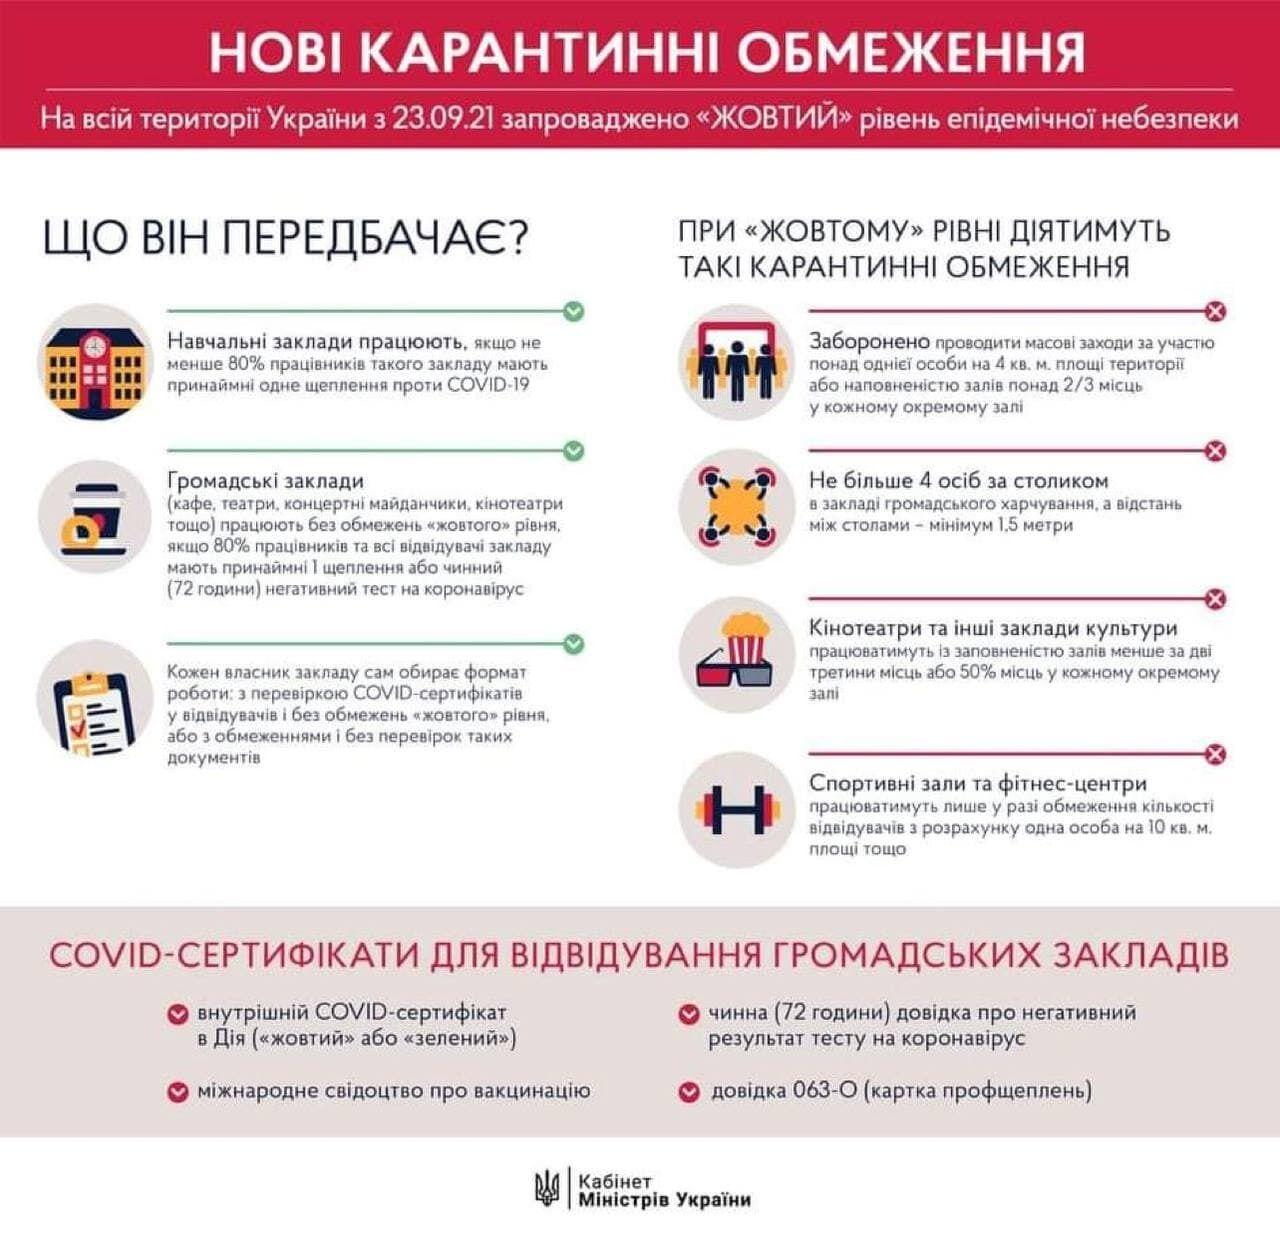 В Україні вступили в силу нові карантинні правила.